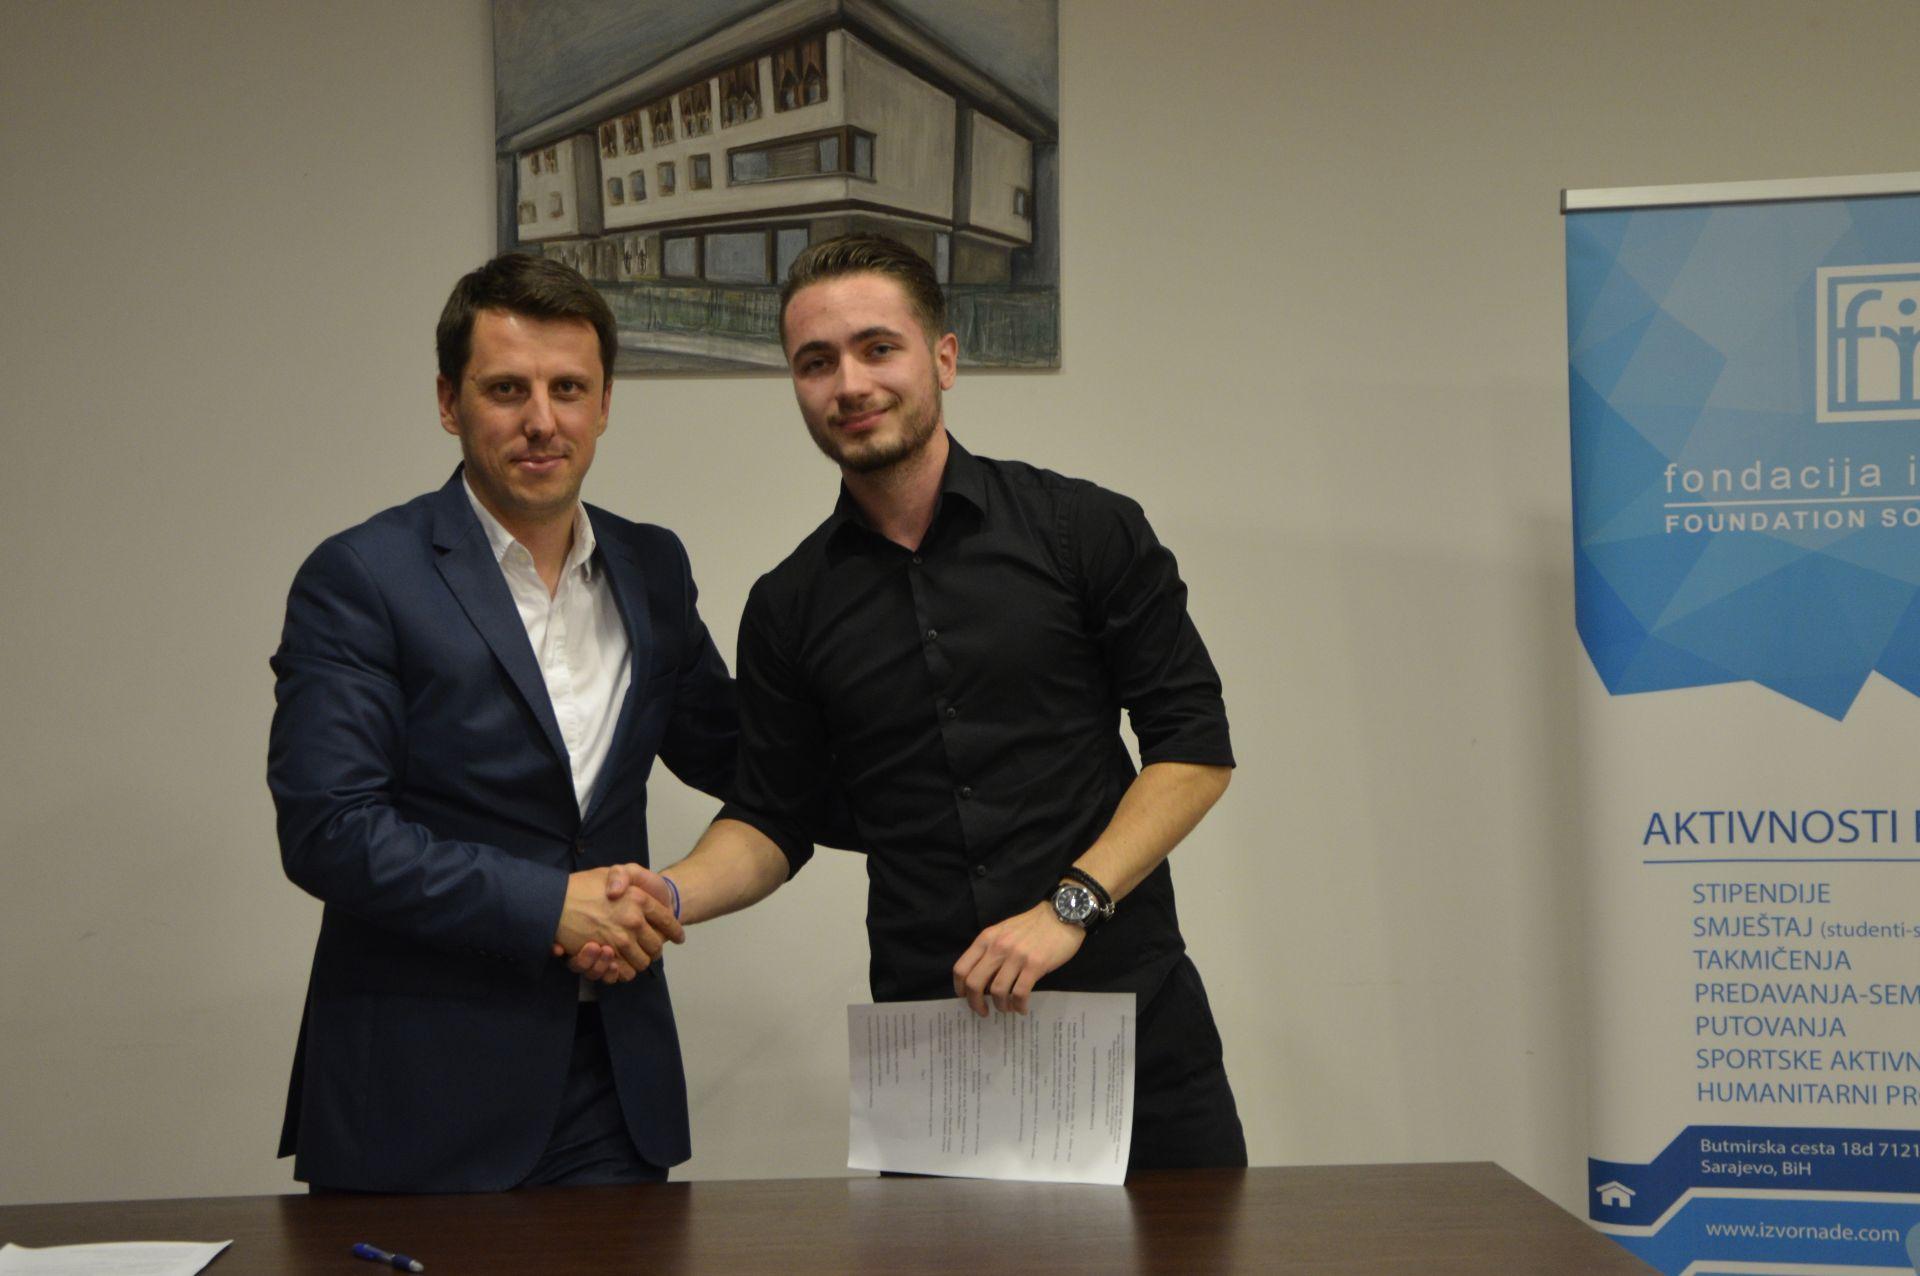 Svecano potpisivanje ugovora o stipendiranju za 2017/2018.  Fondacija Izvor nade Tarik Agetovic i Haris Kudic